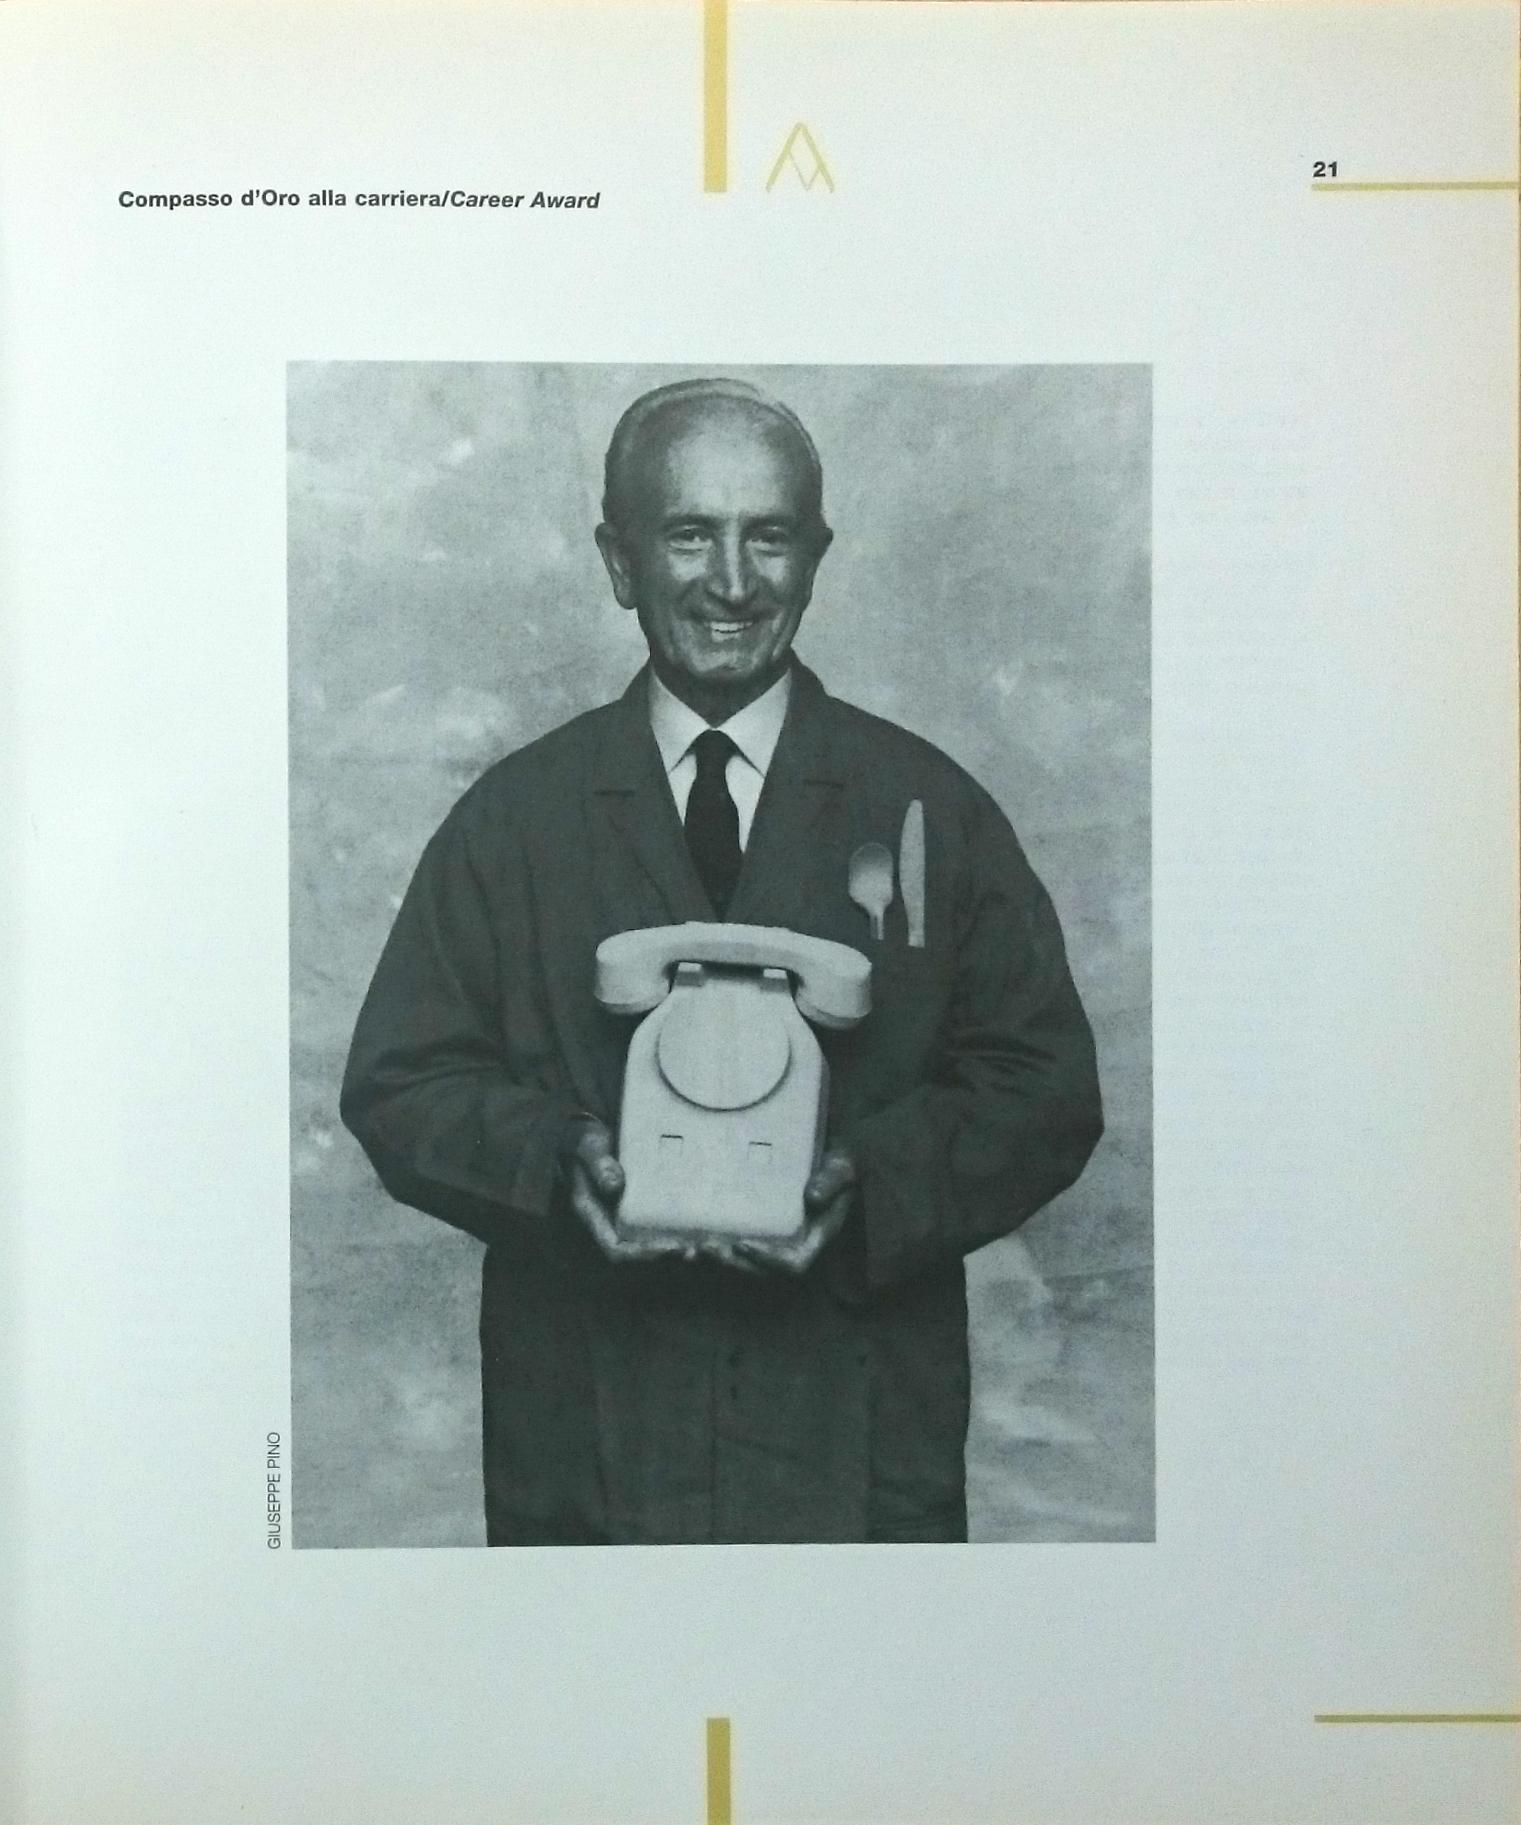 Pagina 21 del catalogo del XVIII Compasso d'oro-Adi 1988 con l'immagine di Giovanni Sacchi.